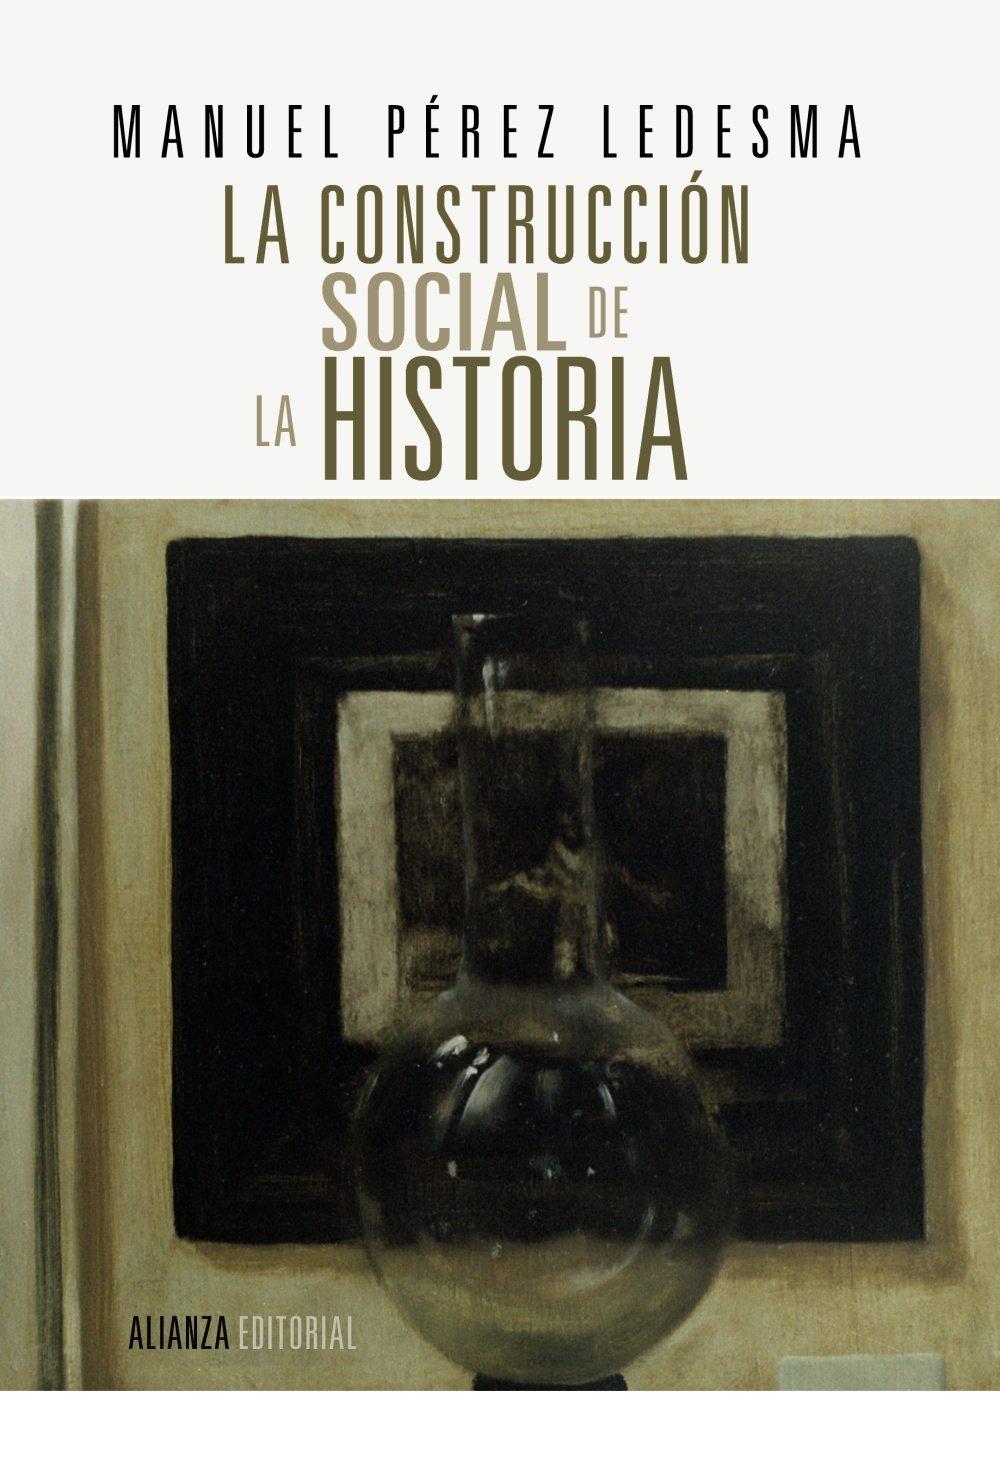 La construcción social de la Historia: España siglo XIX Alianza Ensayo: Amazon.es: Pérez Ledesma, Manuel: Libros